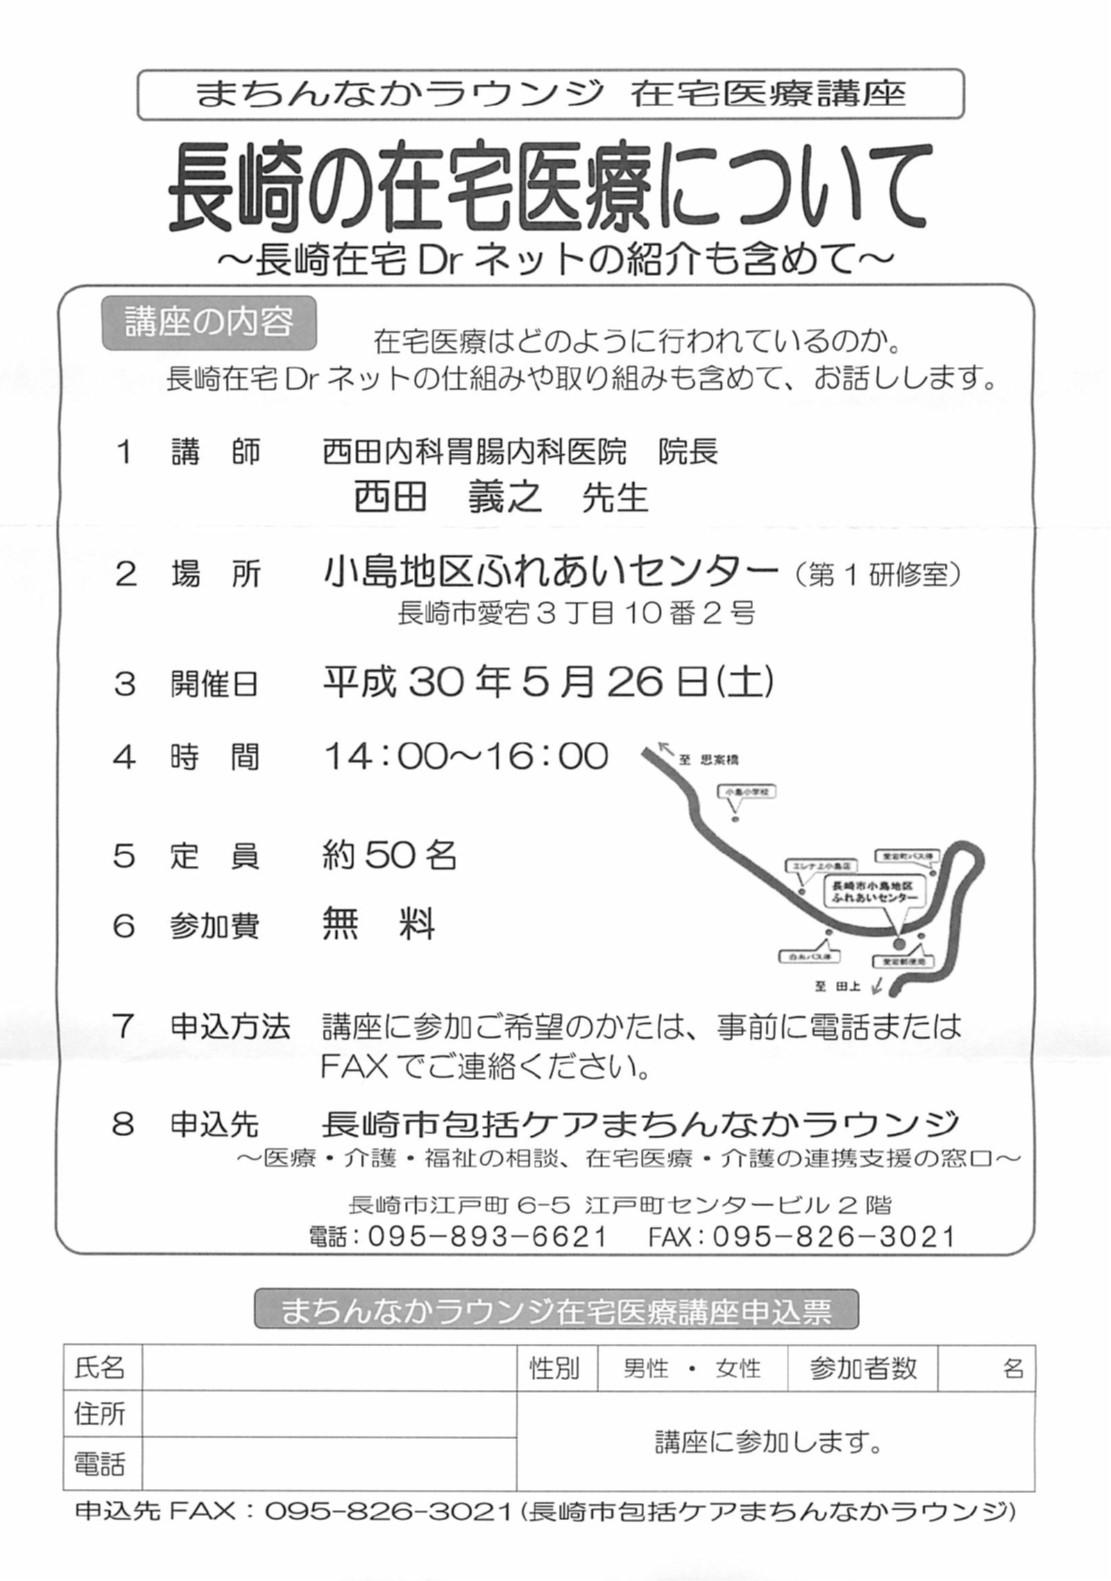 長崎市包括ケアまちんなかラウンジ 在宅医療講座のご案内 @ 小島地区ふれあいセンター | 長崎市 | 長崎県 | 日本